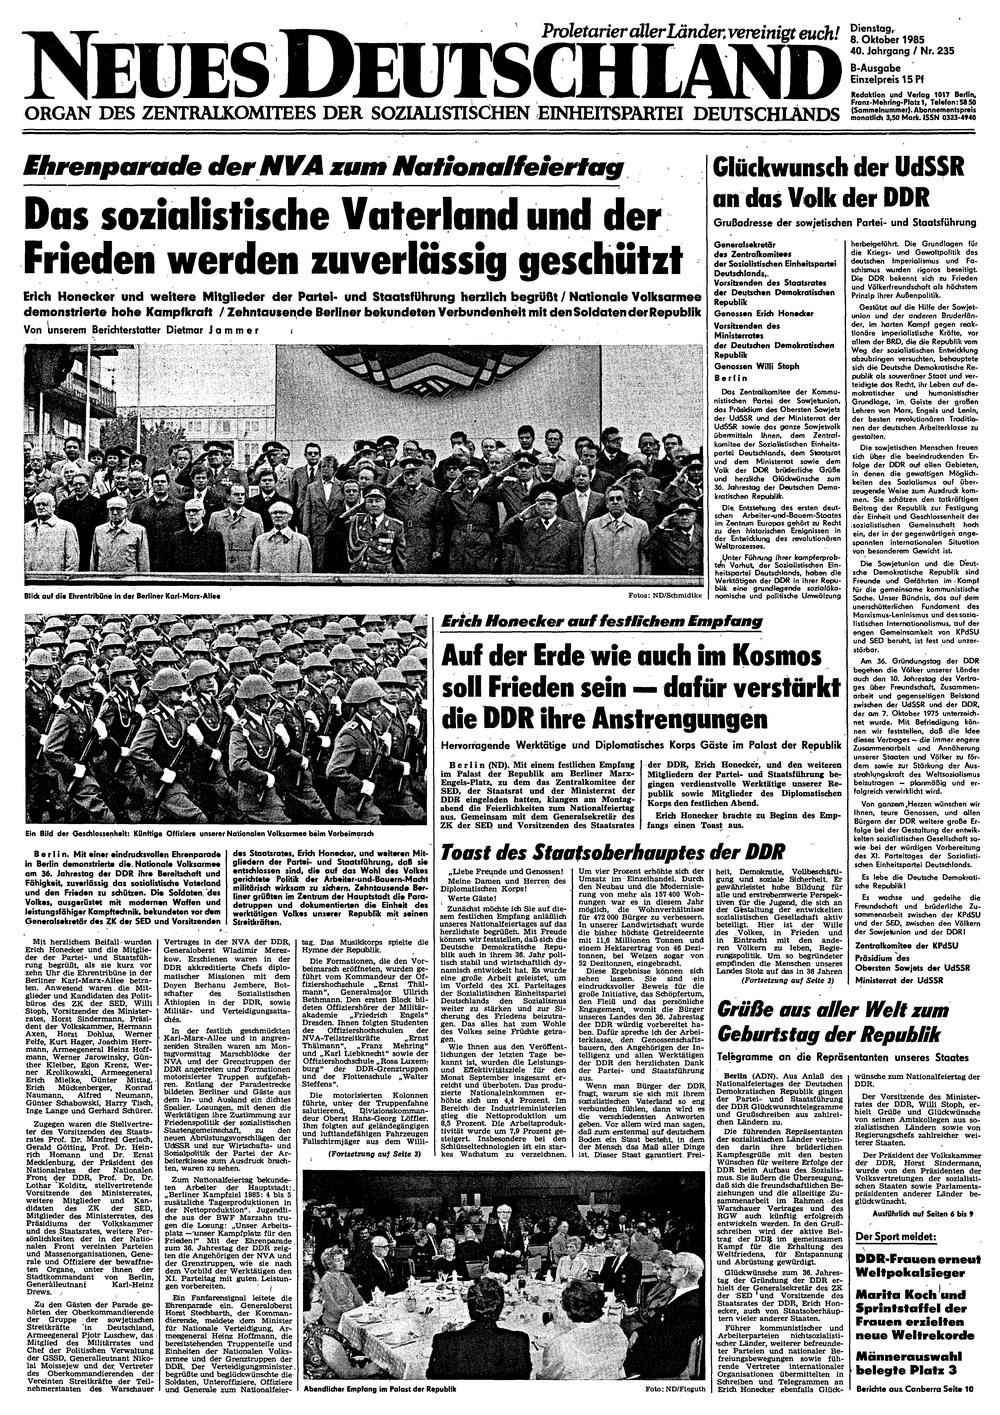 neues-deutschland-39-jahrestag-ddr.jpg